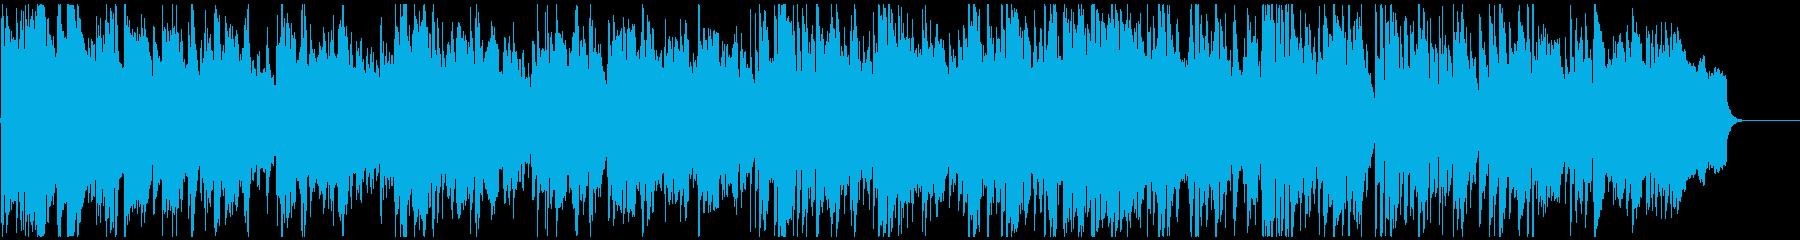 穏やかな低音メロディの落ち着いたボサノバの再生済みの波形